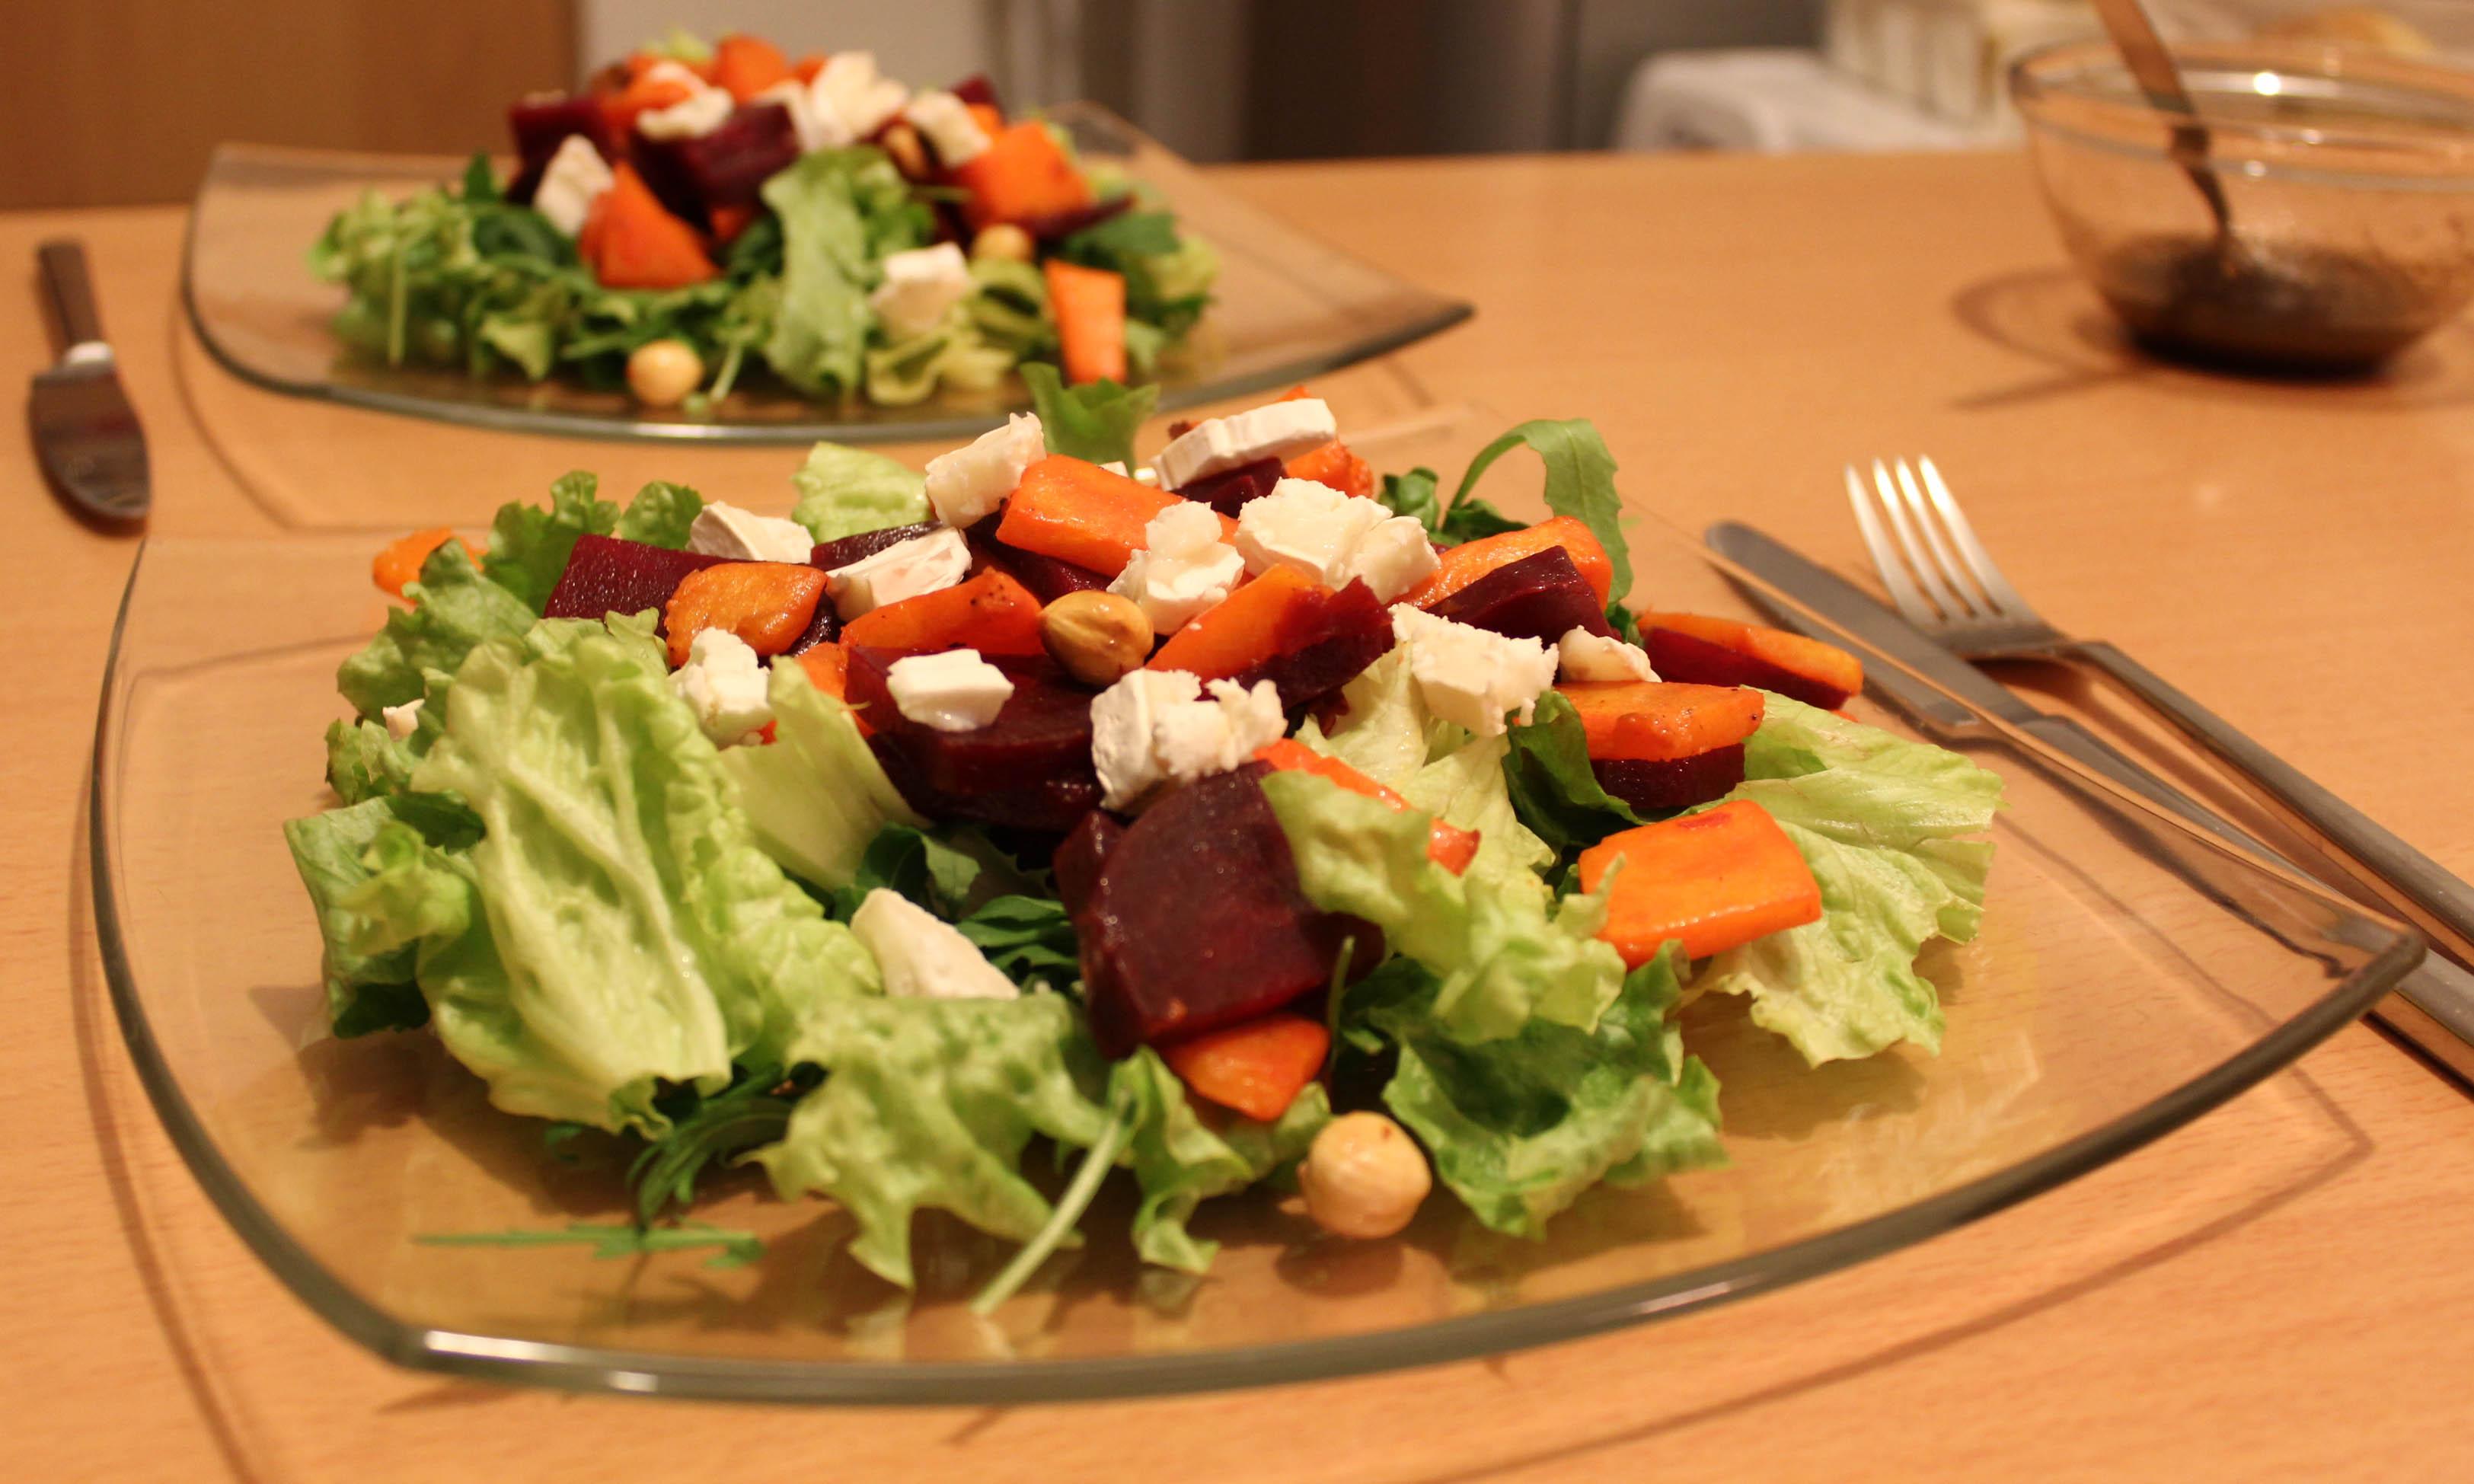 Une salade d hiver d licieuse recette les lubies de louise - Variete de salade d hiver ...